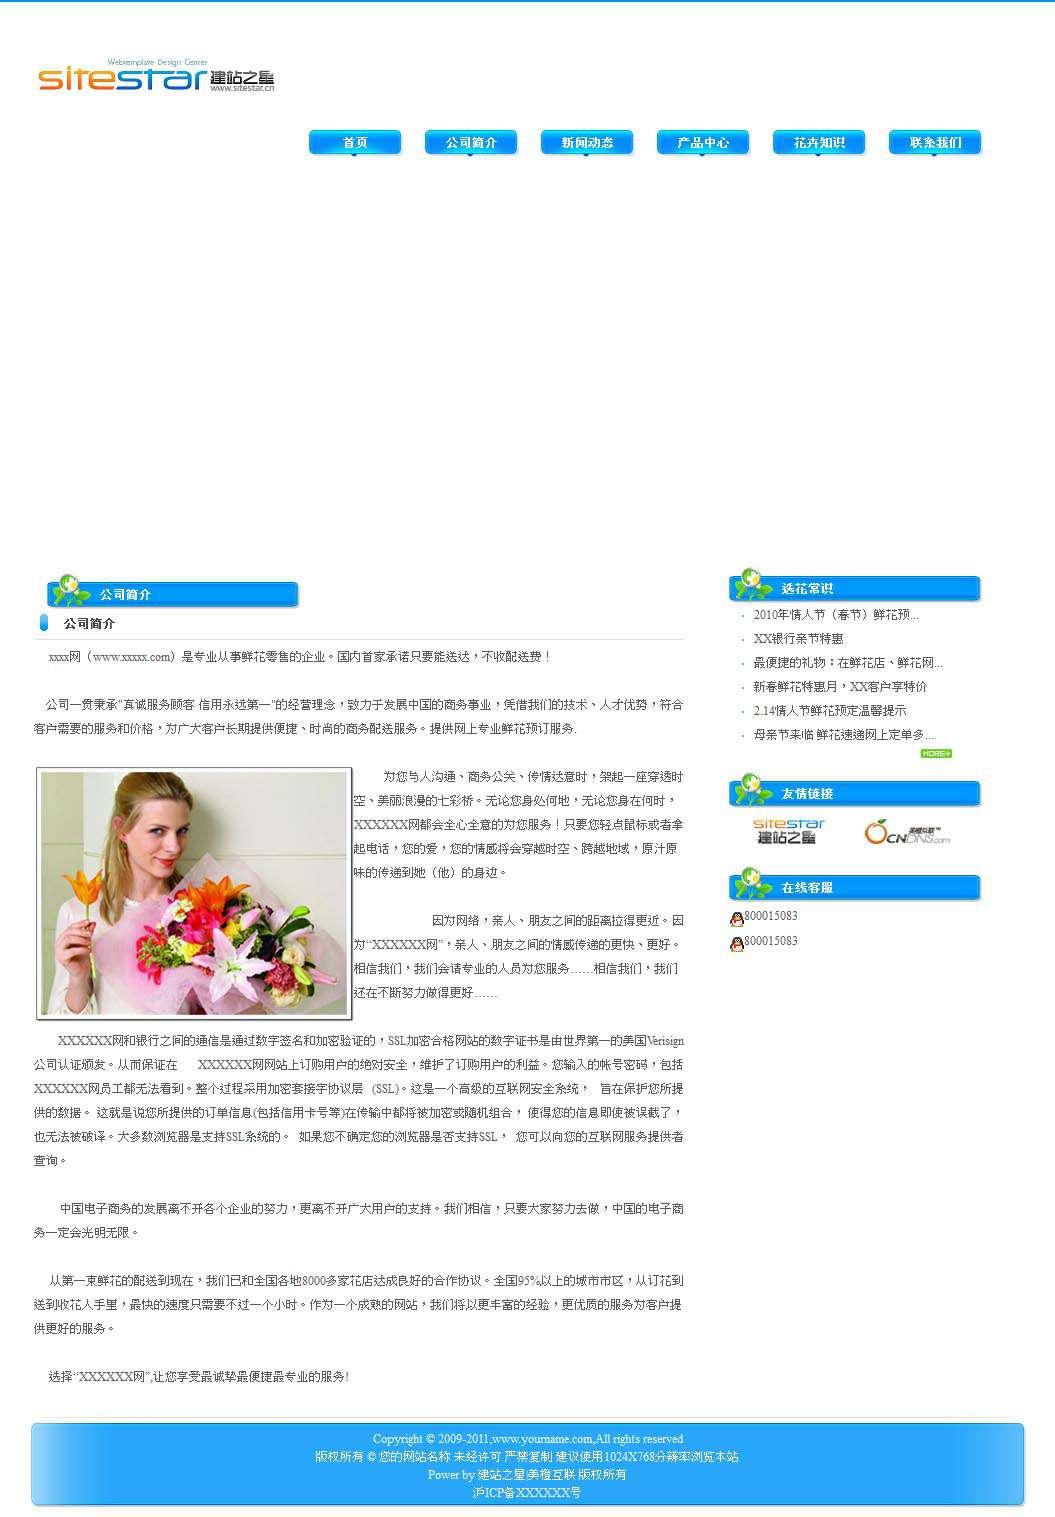 企业网站-鲜花A14模板关于我们页面